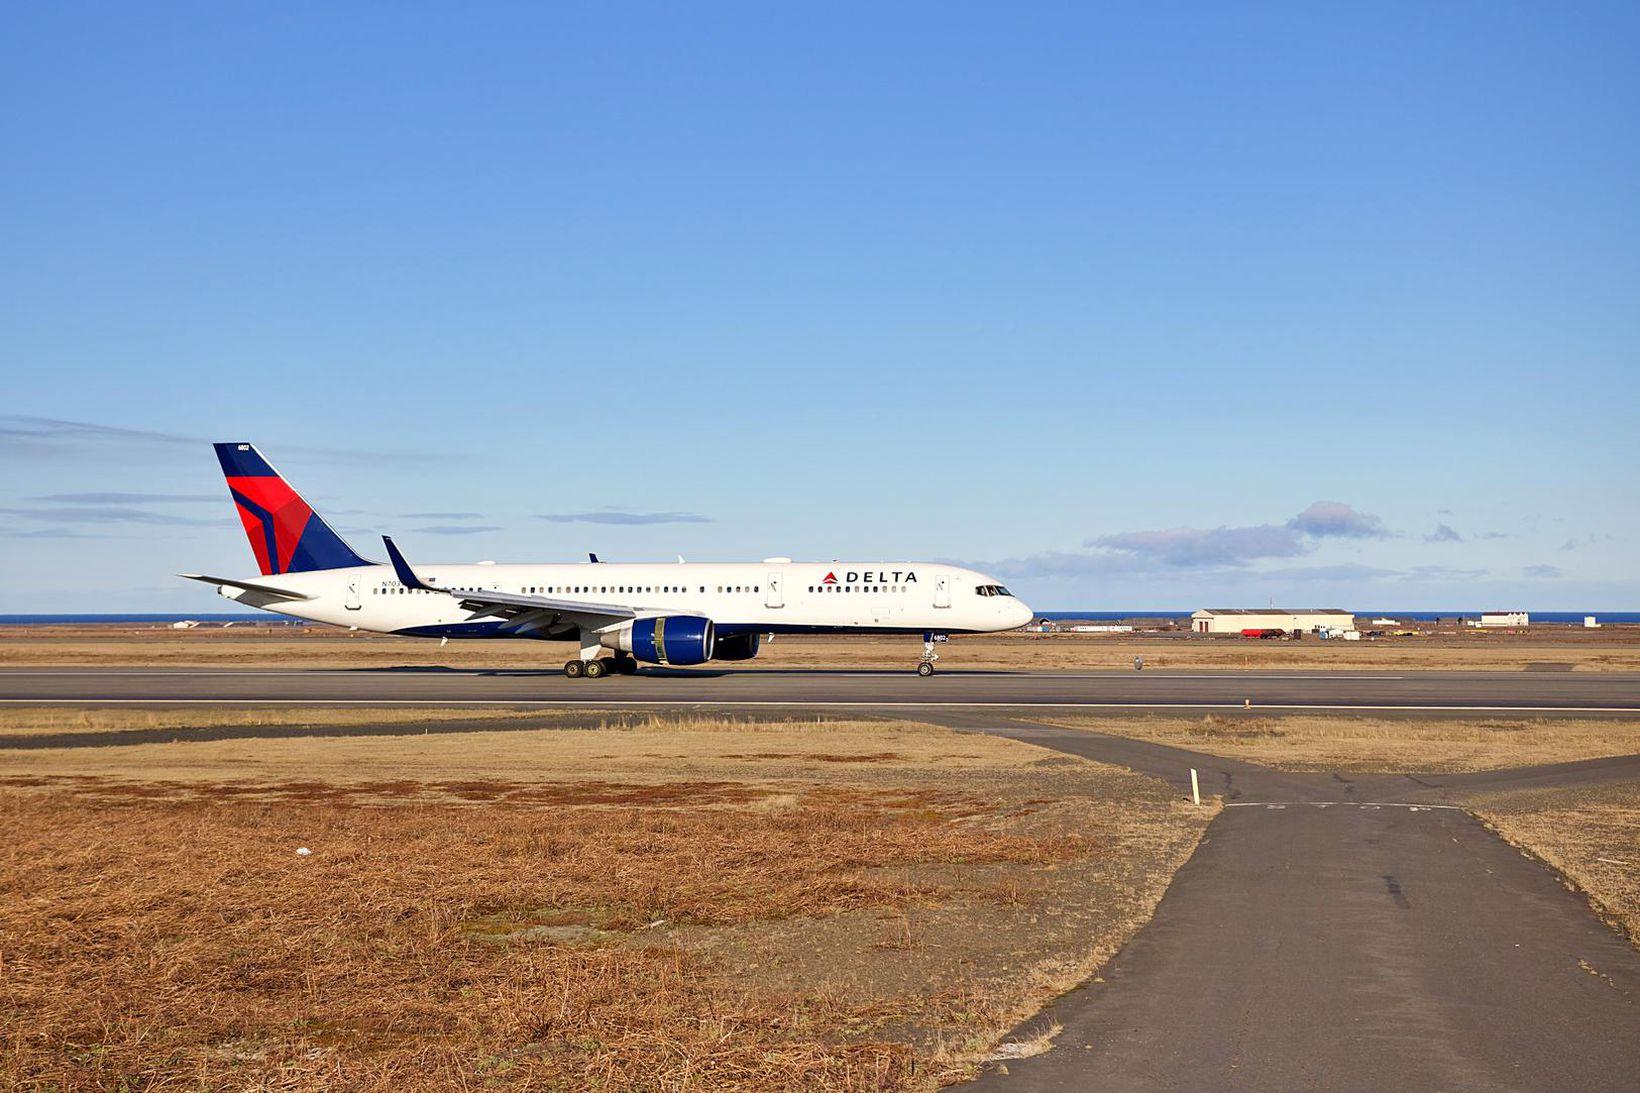 Flugvél Delta lenti um áttaleytið í morgun.